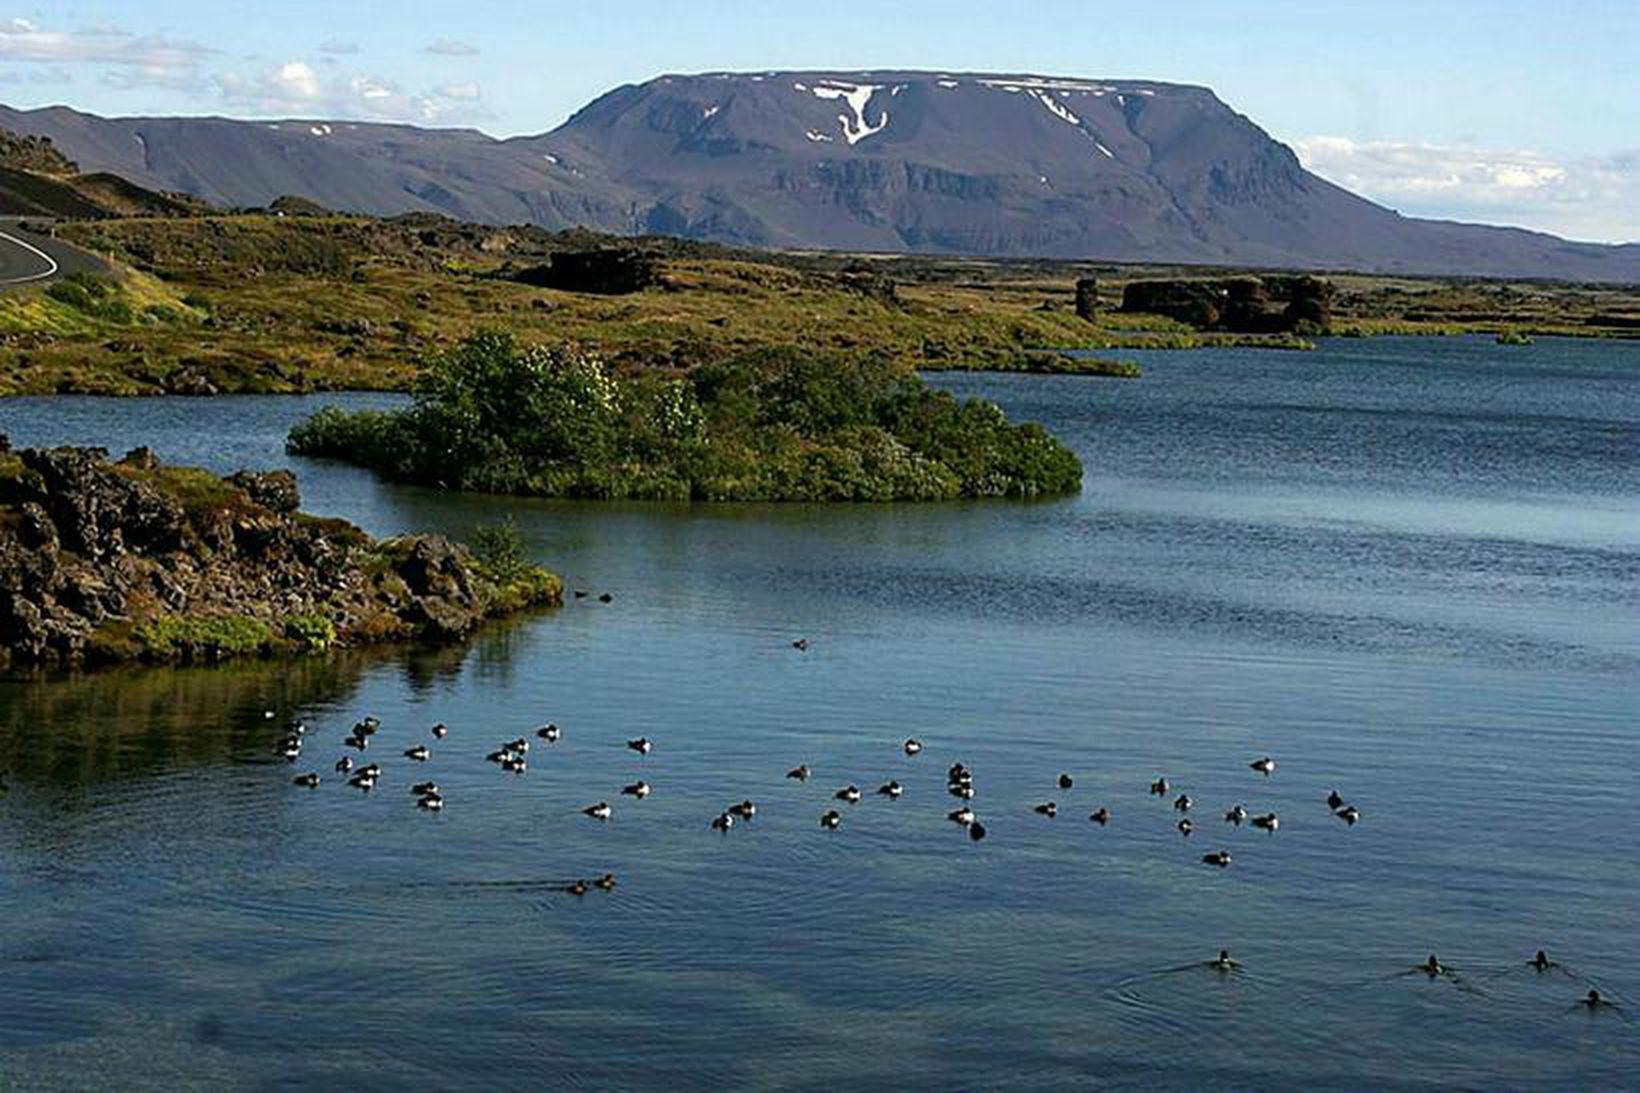 Mikil umræða hefur verið uppi um verndun lífríkisins á Mývatni.